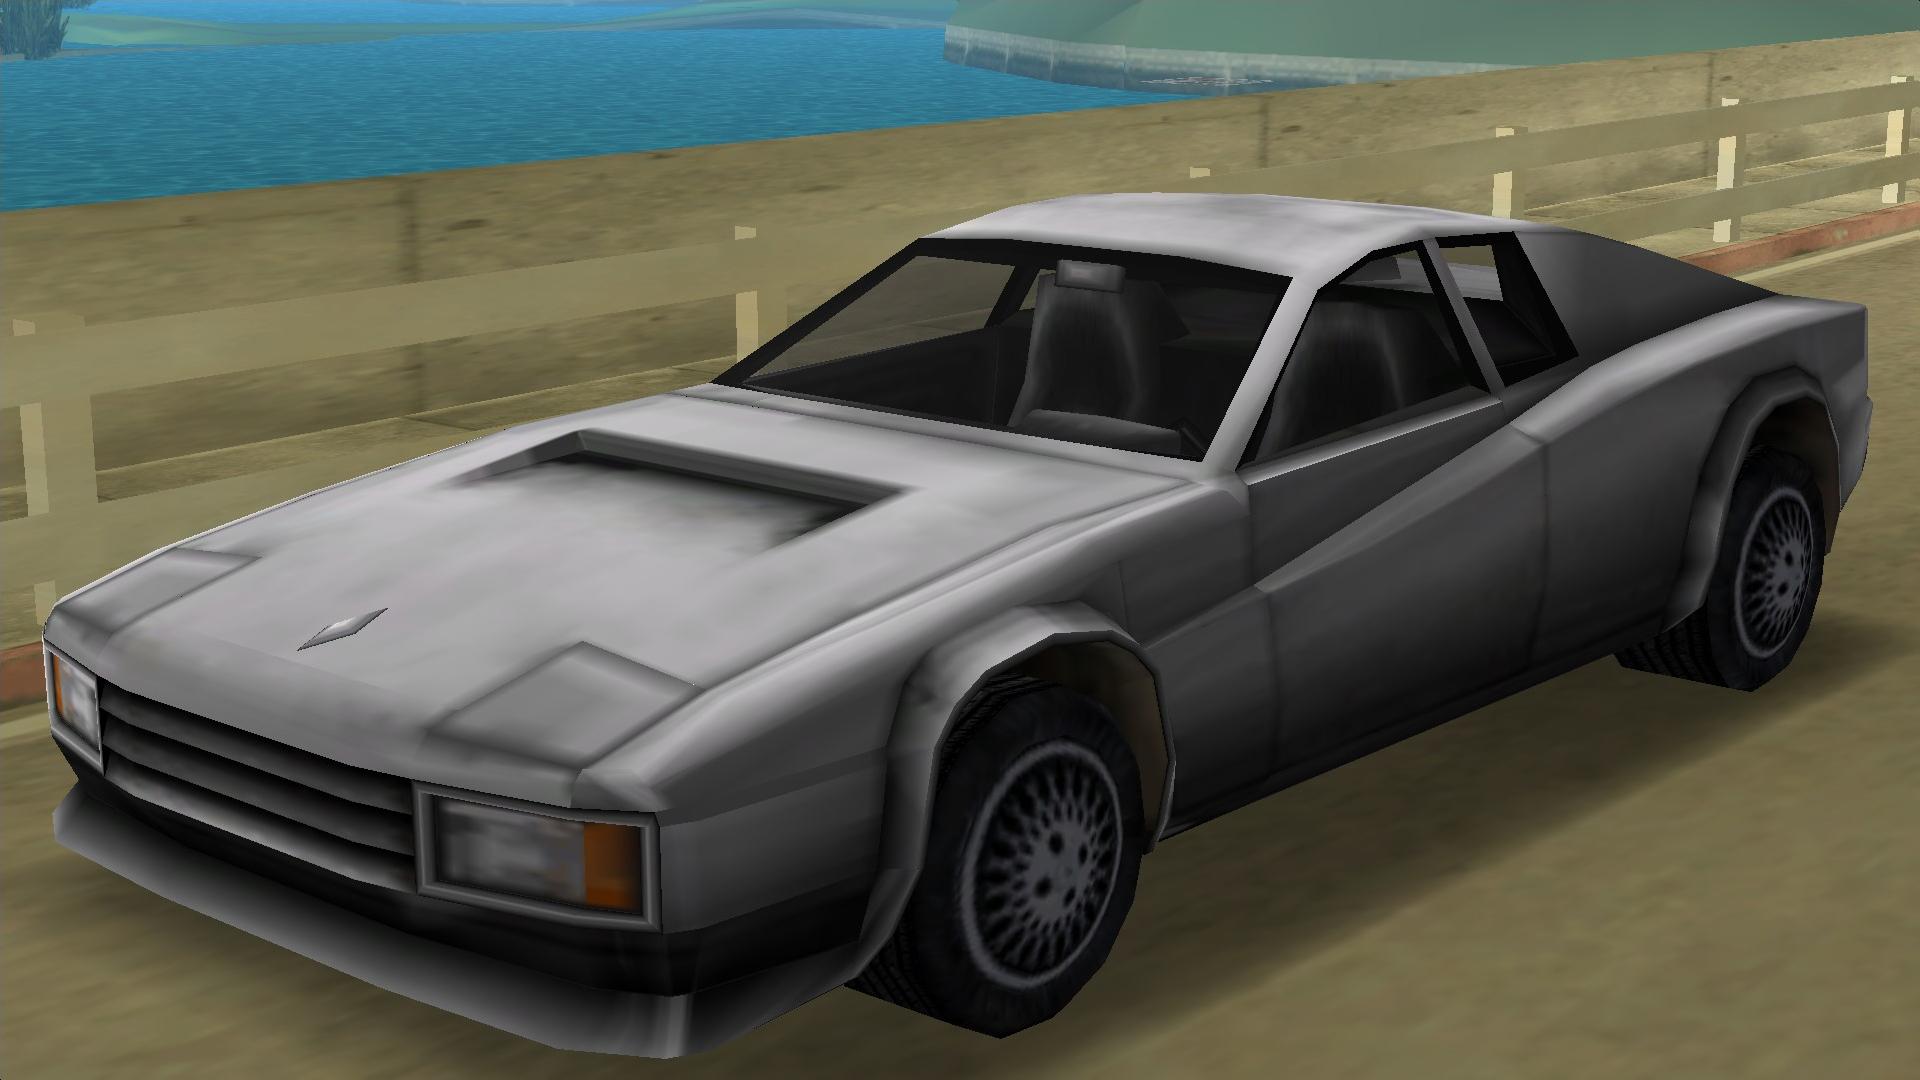 gta 3 cars. Cheetah in GTA: Vice City.